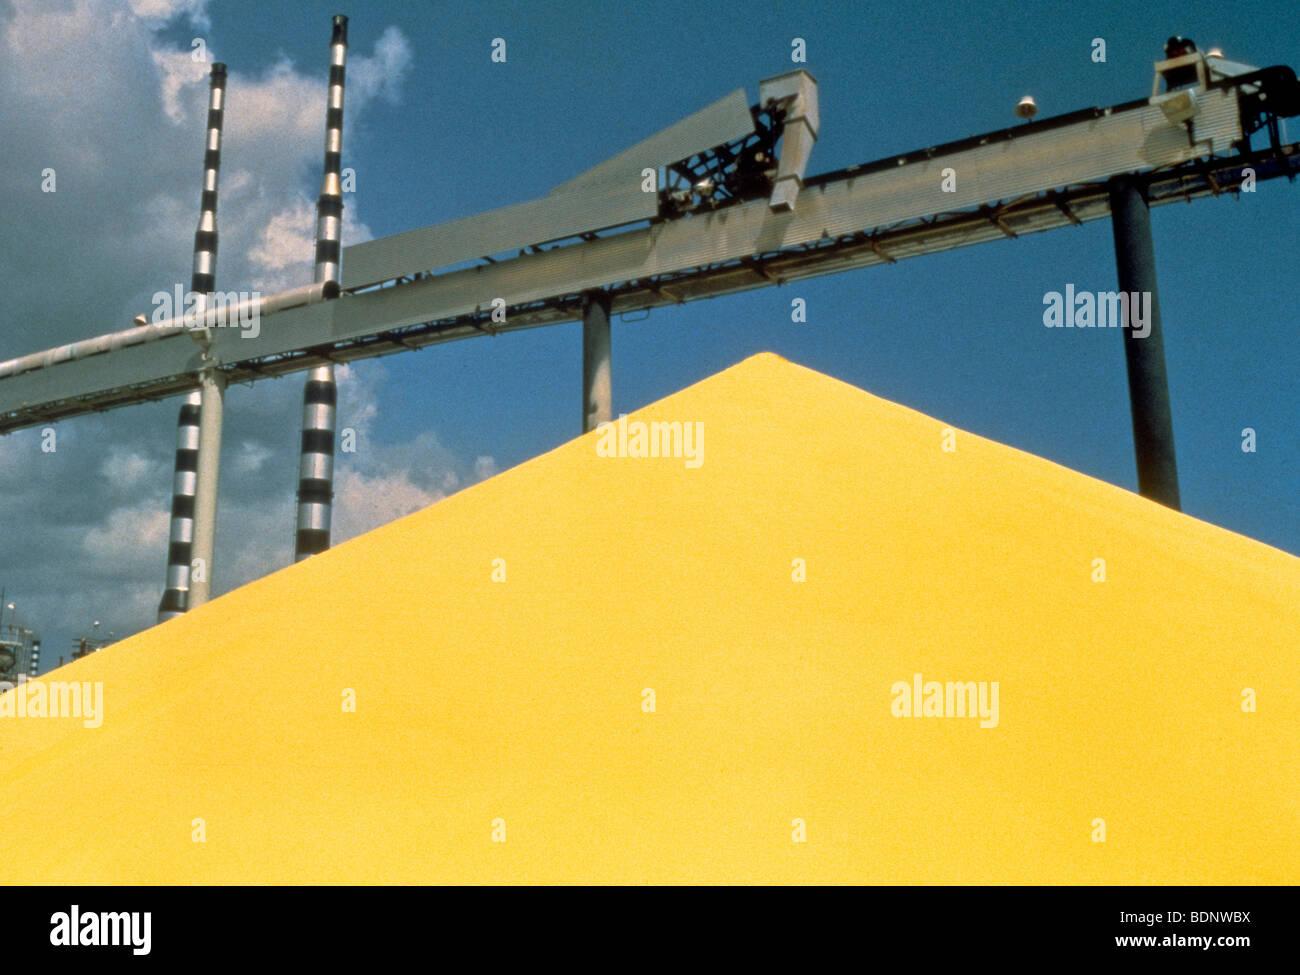 Sulphur pile in St. Croix - Stock Image